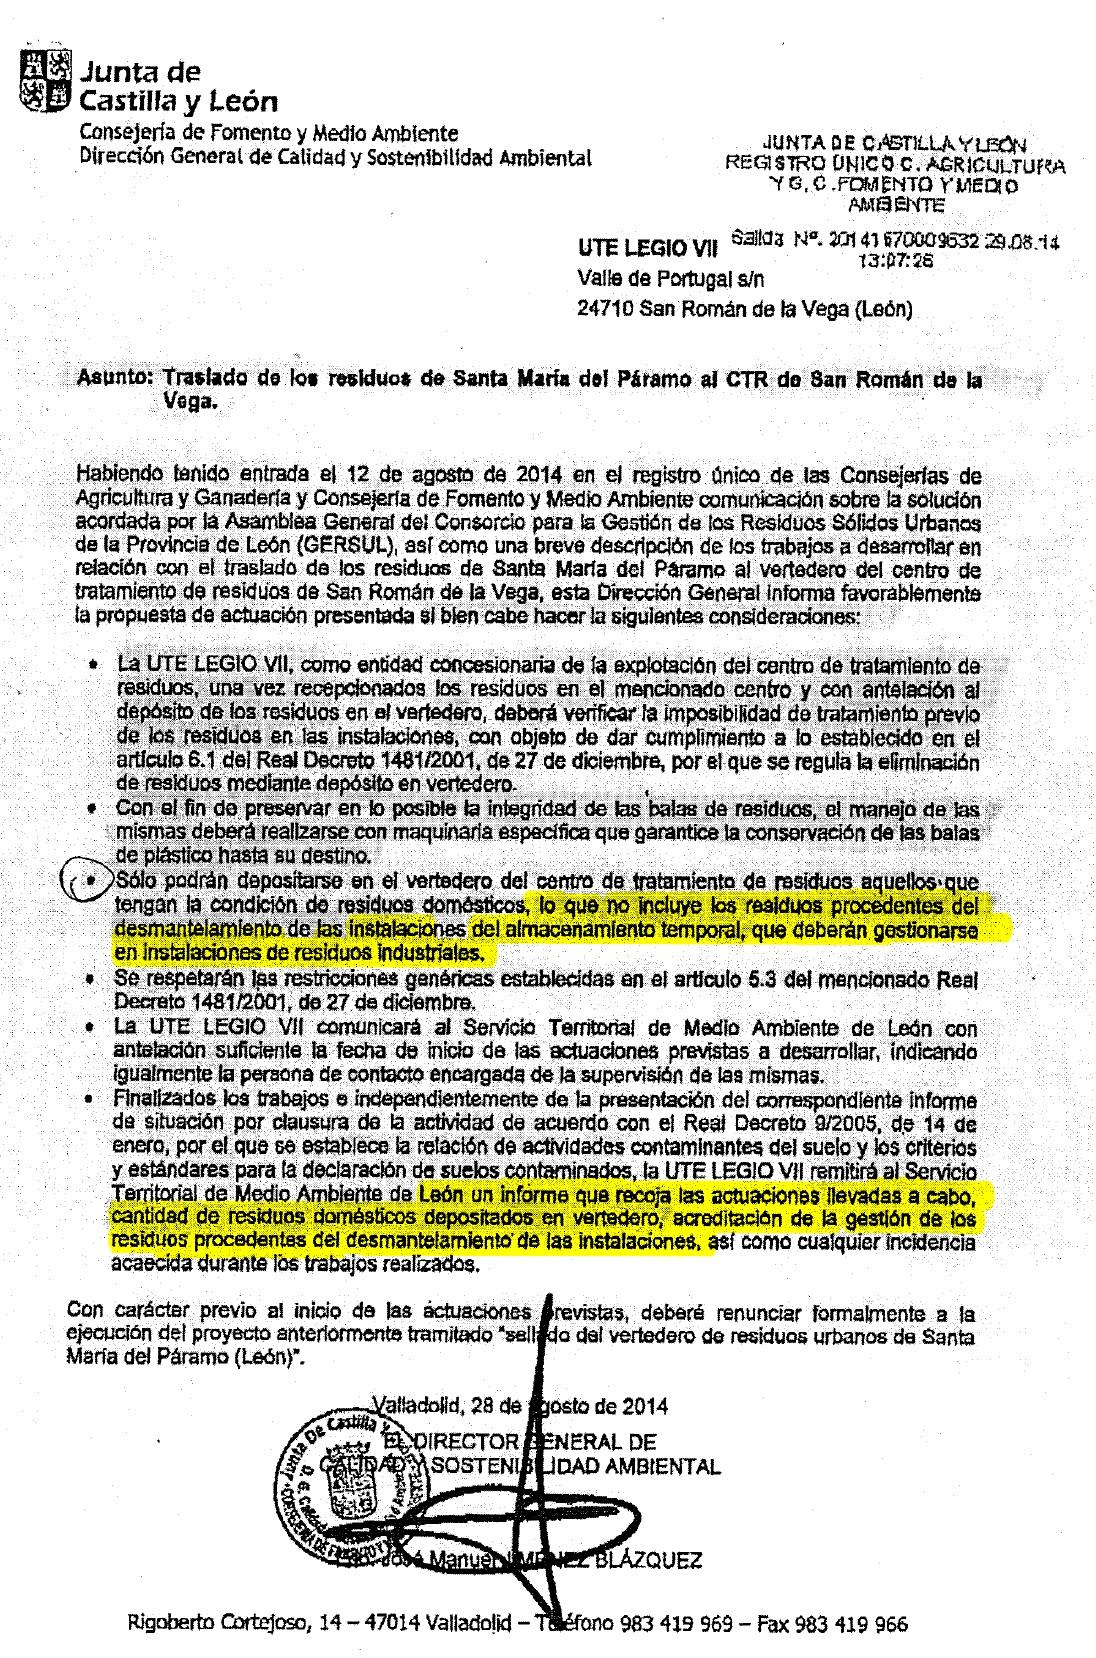 Traslado_Residuos_StaMariaParamo_Consejería